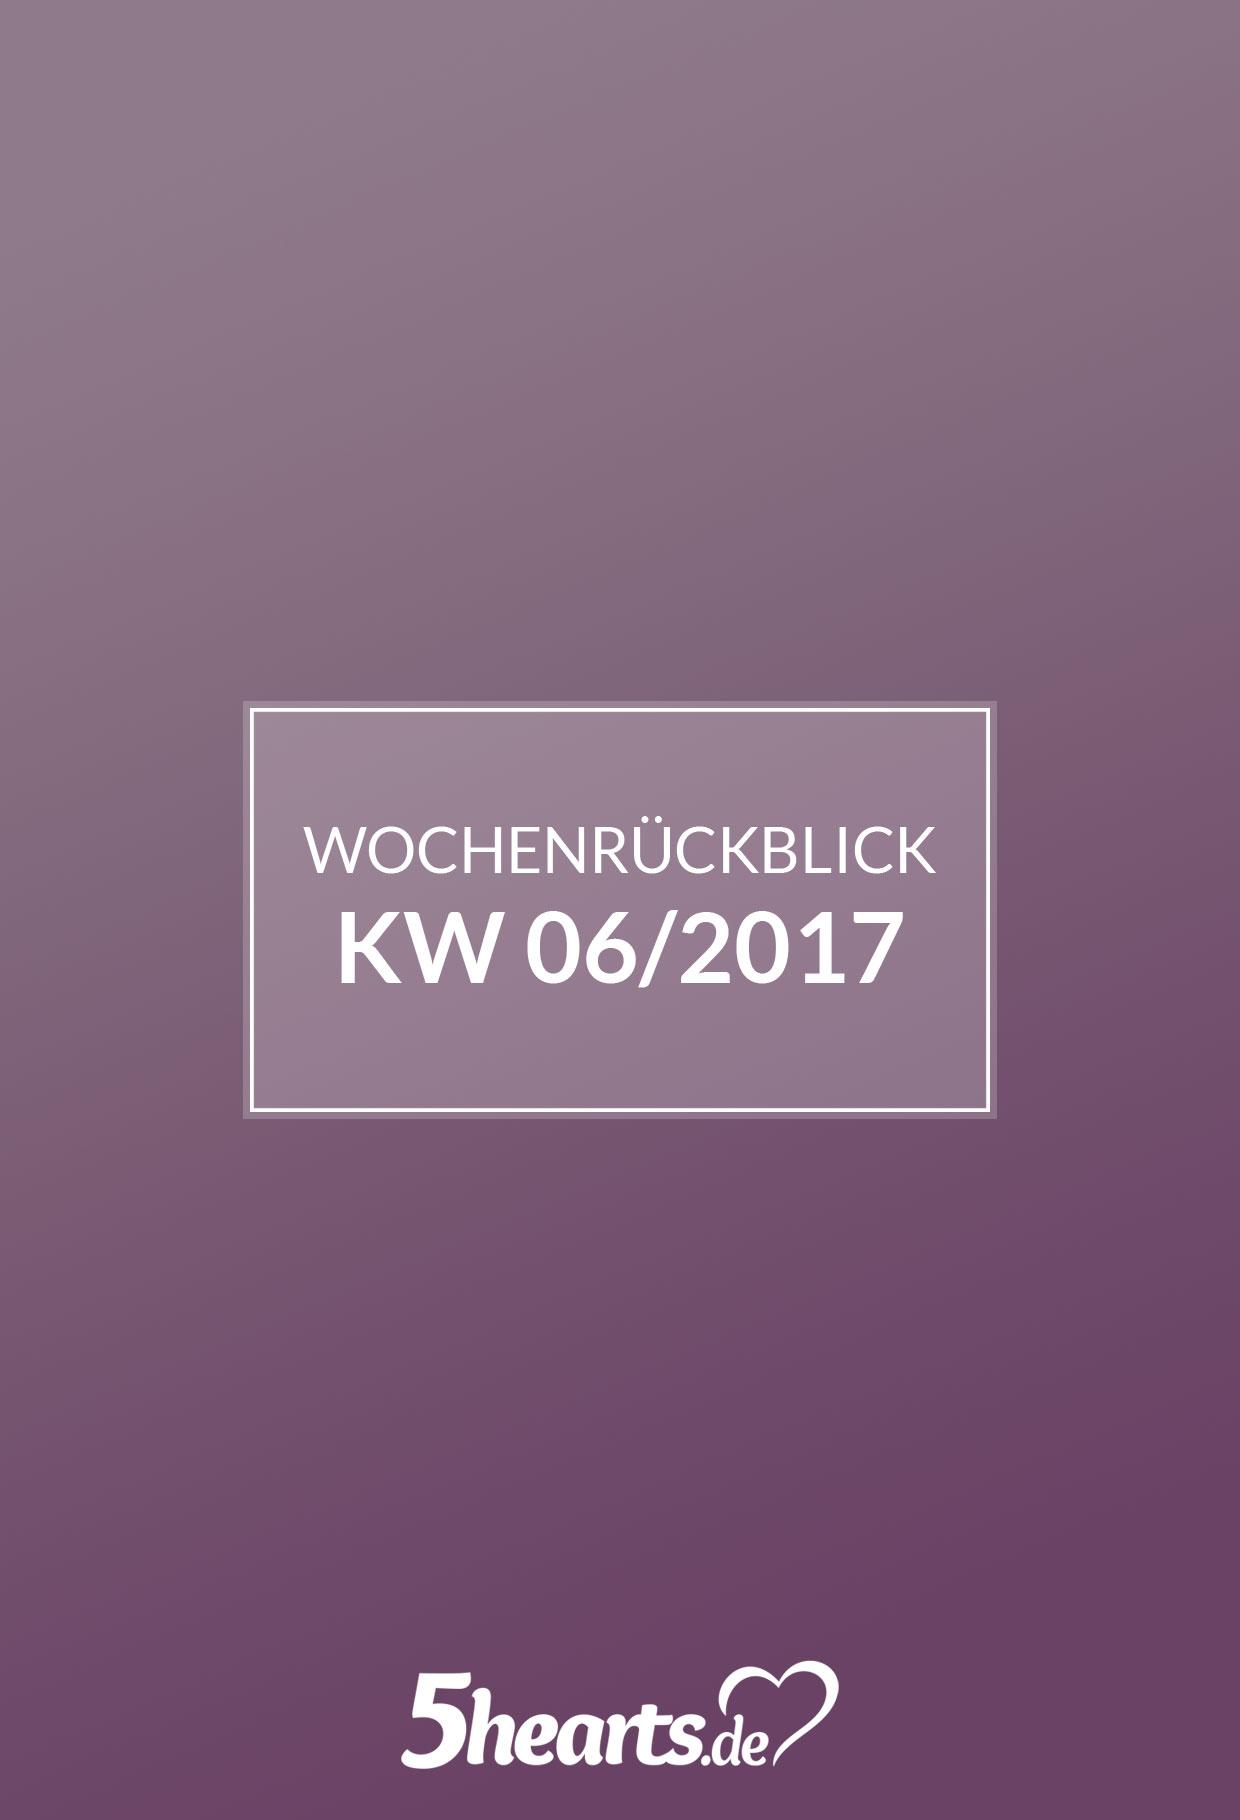 Wochenrückblick KW 06/2017